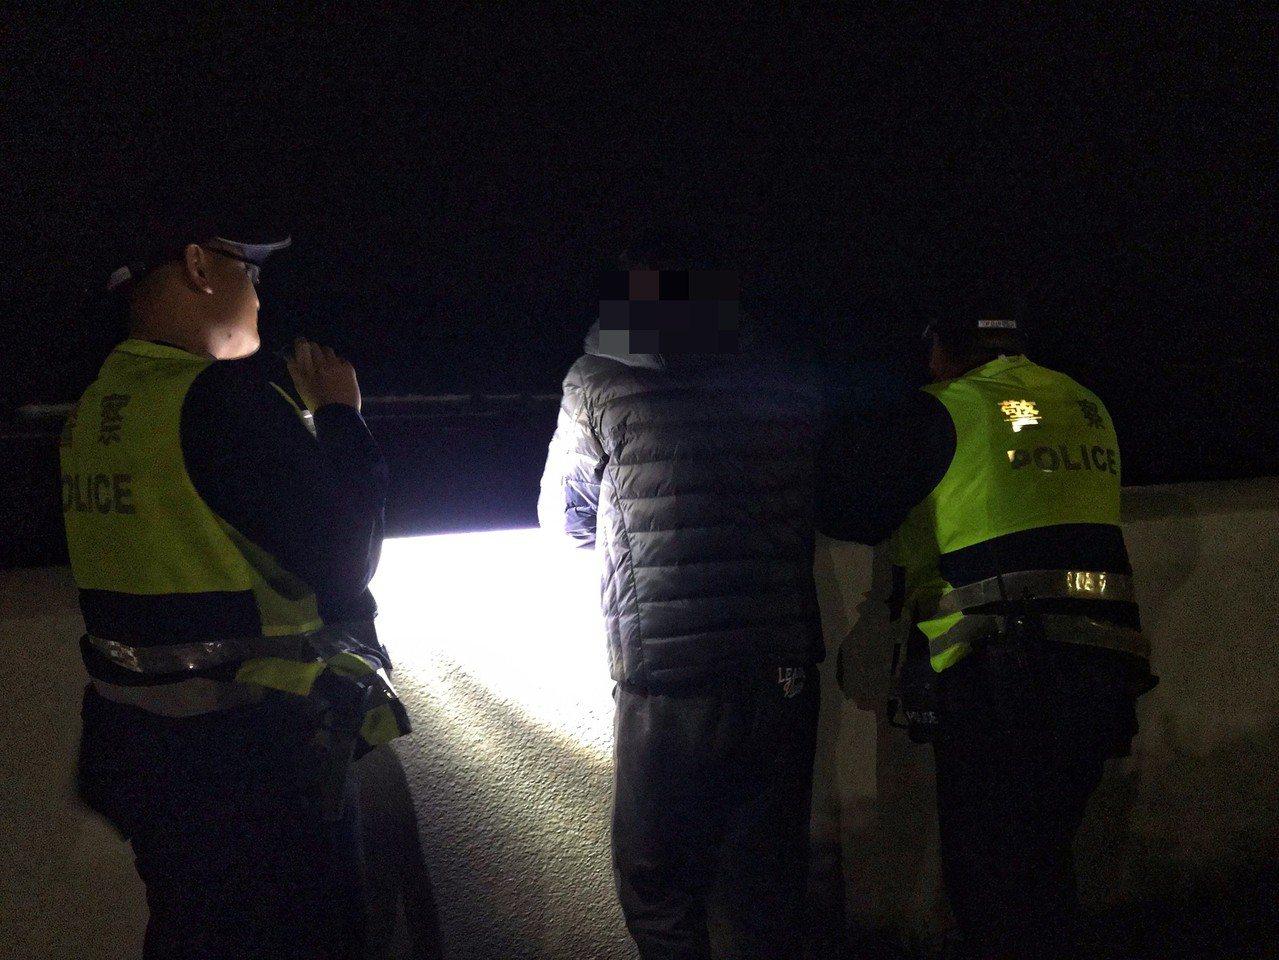 巡邏發現一名男子獨自站在石門婚紗廣場旁海岸邊傷心落淚,全身酒味,員警不斷安撫,並...